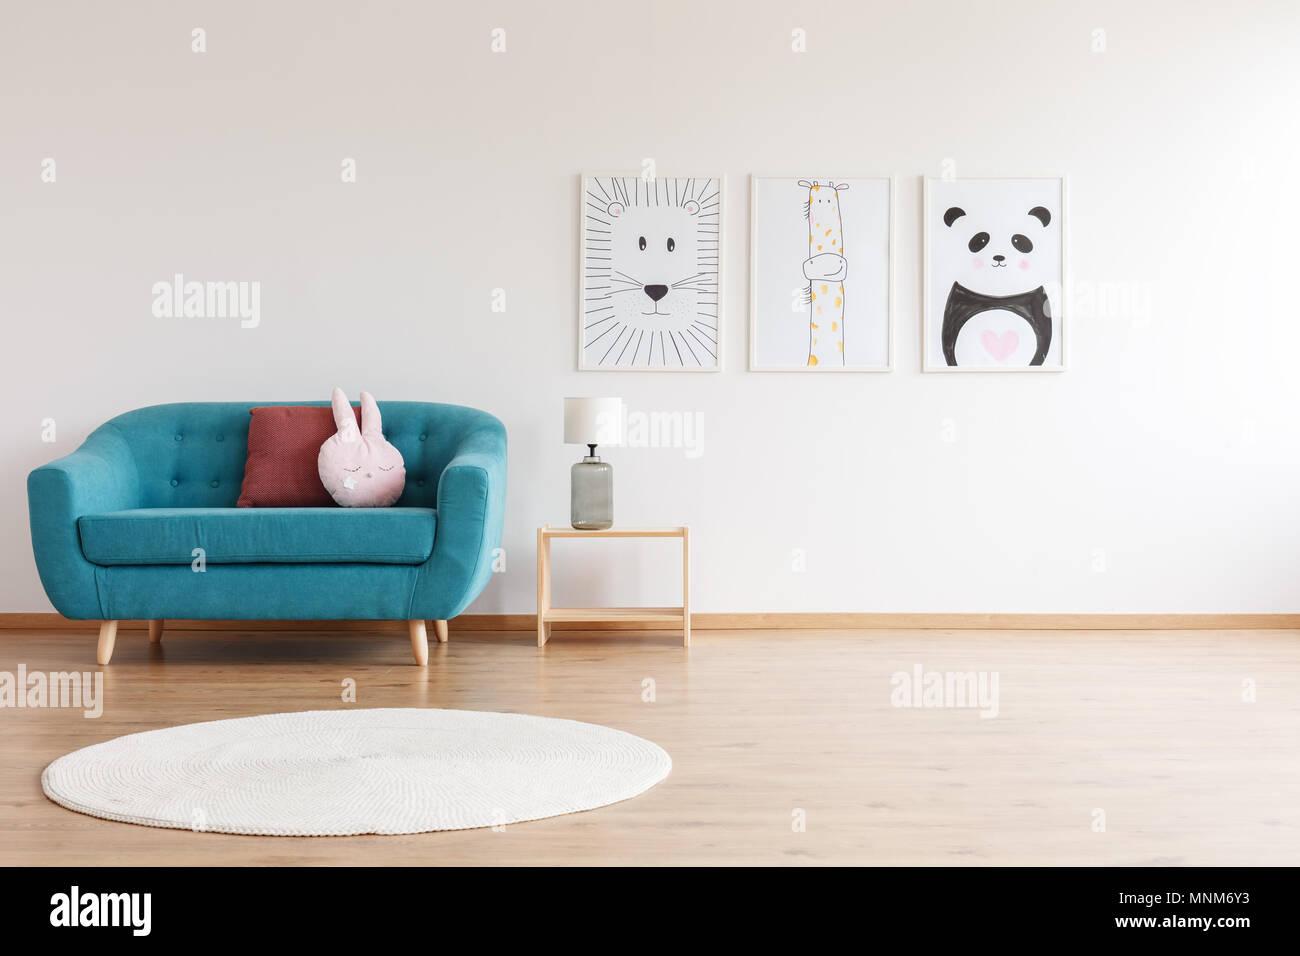 Lampada su legno e sgabello tondo tappeto bianco nella stanza dei